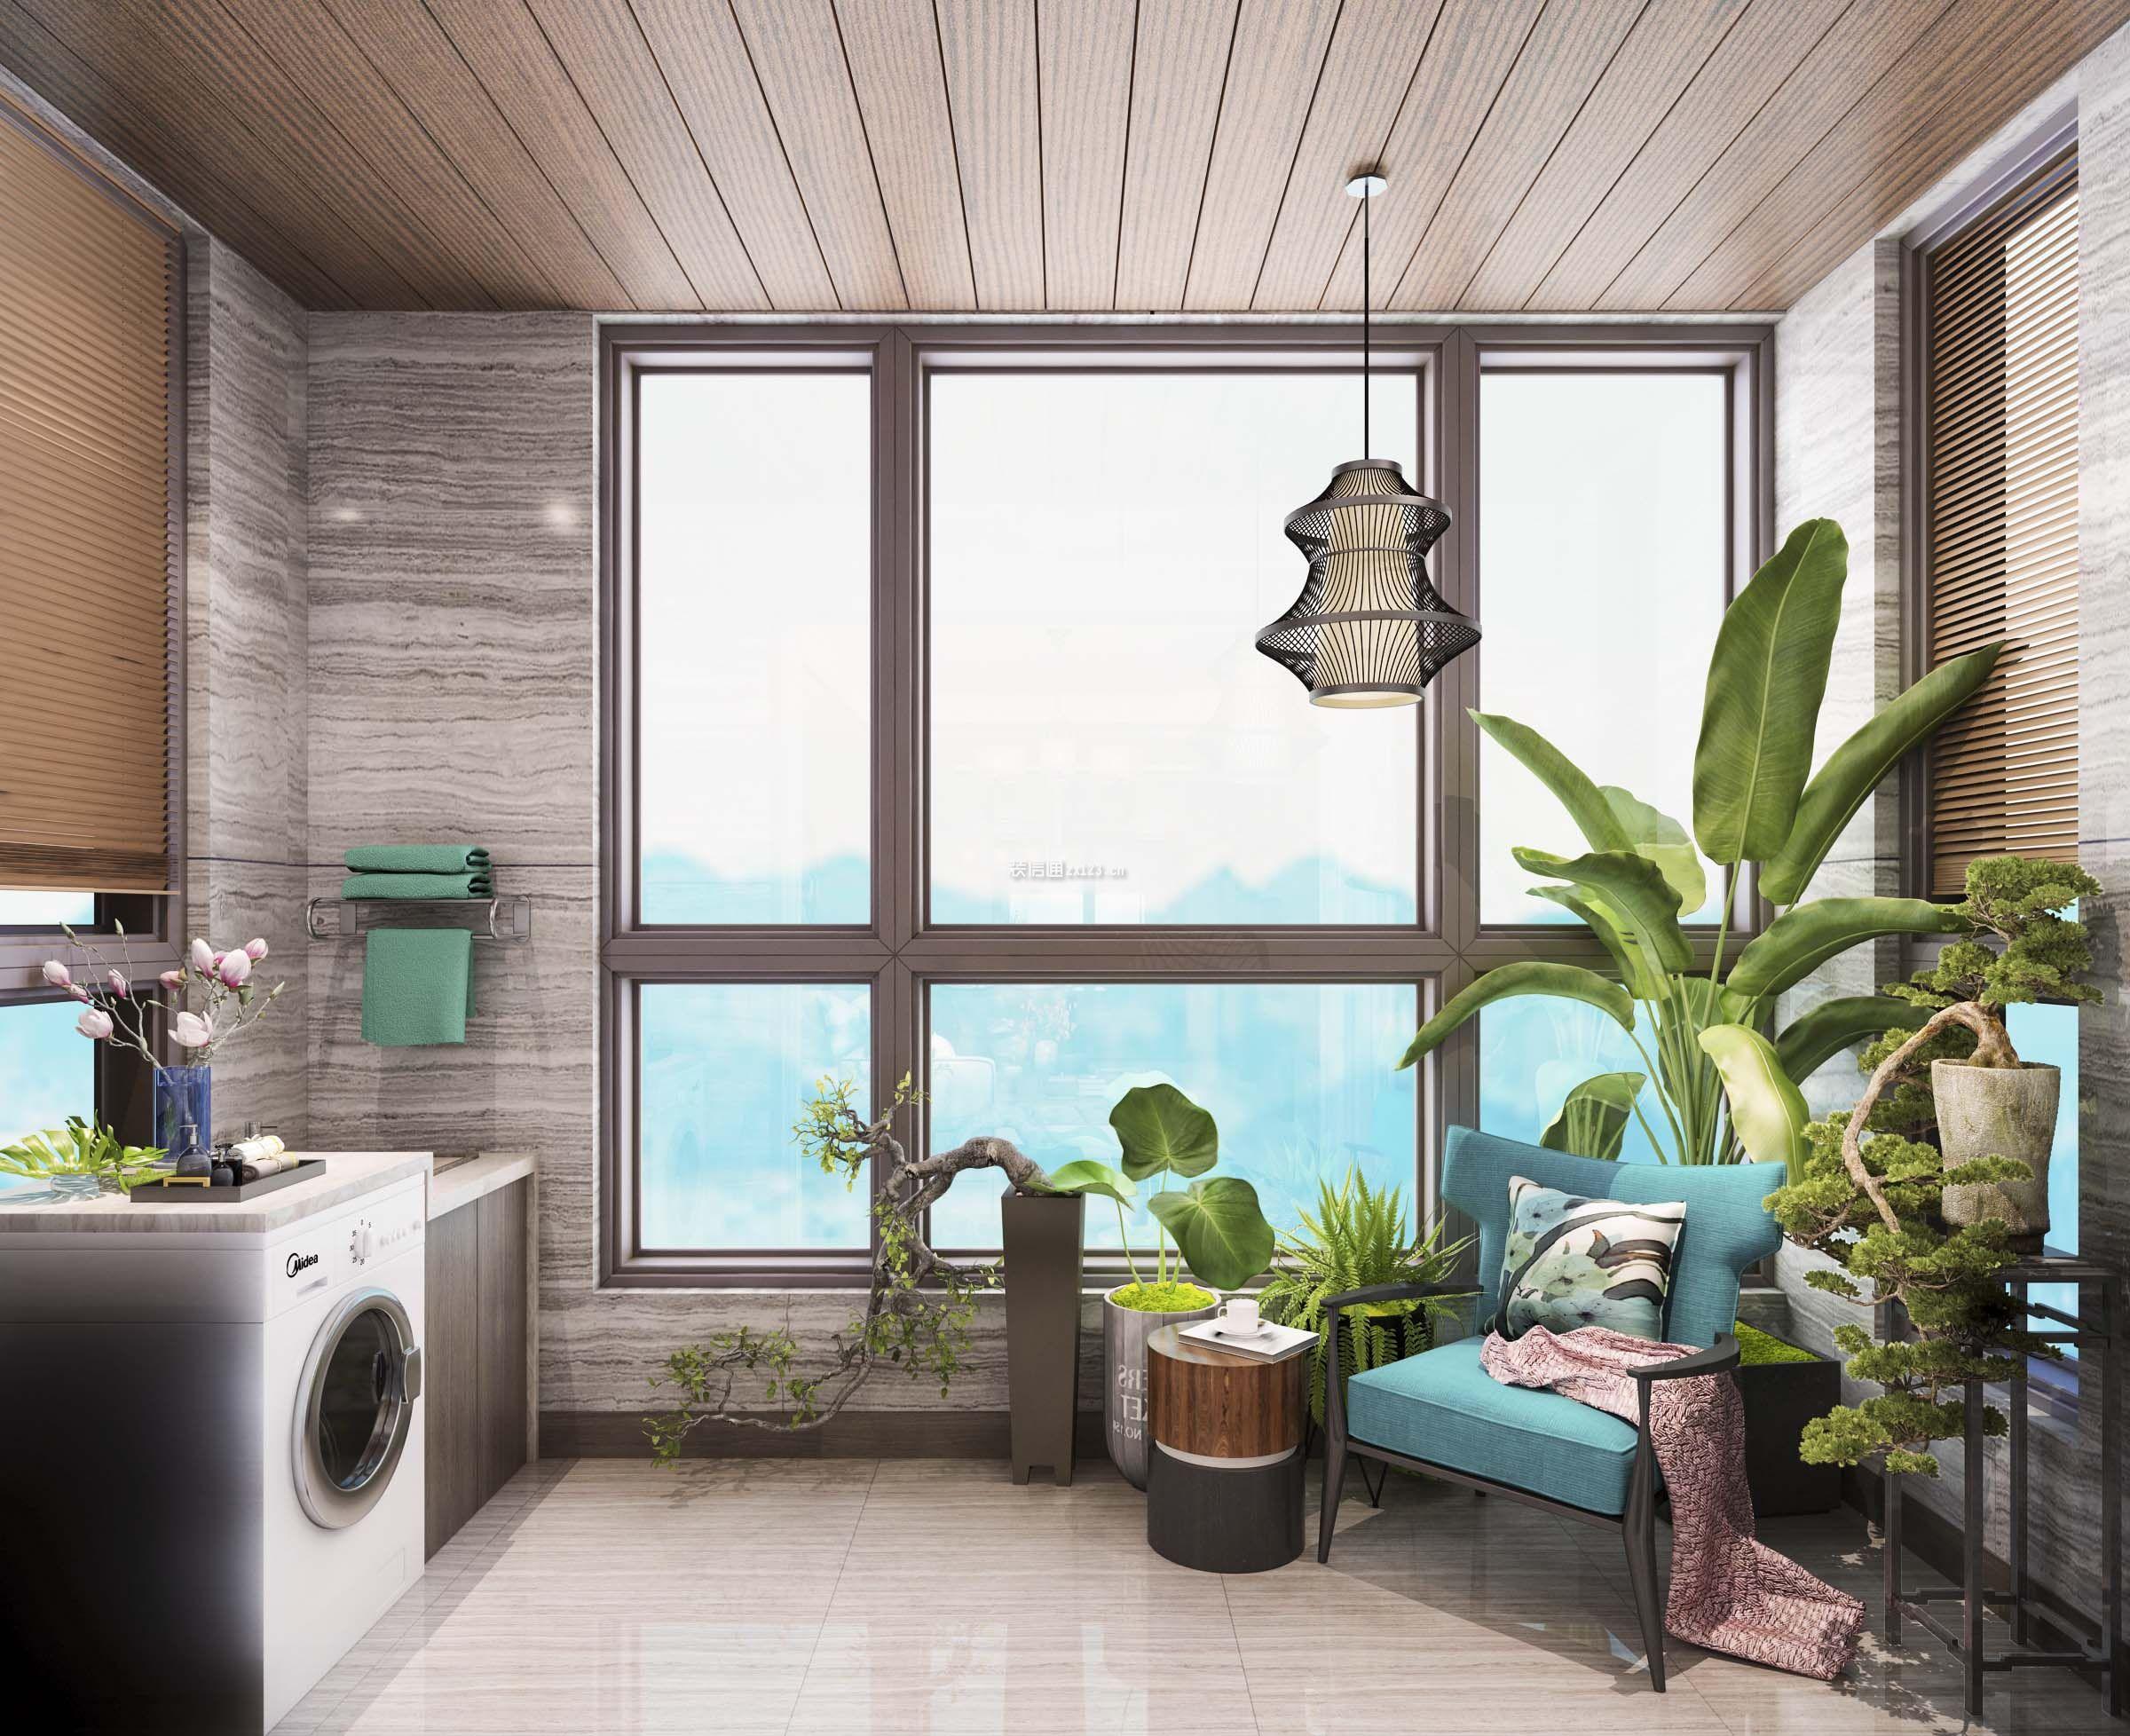 新中式风格封闭阳台洗衣房装修效果图